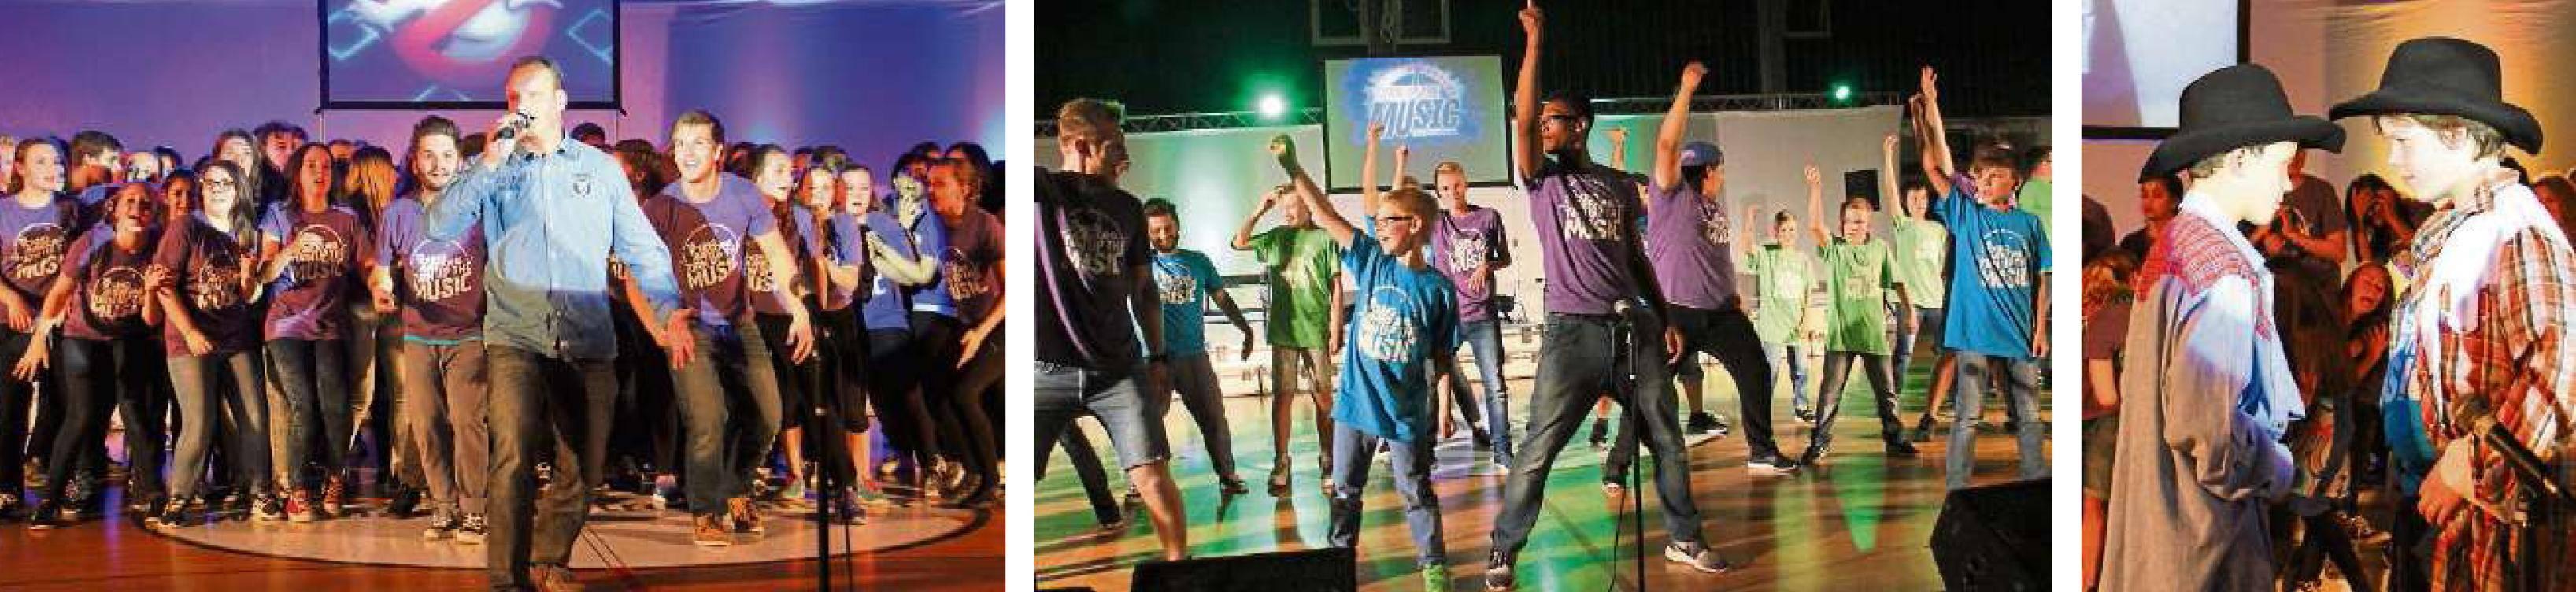 """Ob in der Truppe oder als Solisten: Die Schüler der Grünberger Theo-Koch-Schule ließen gemeinsam mit den """"Young Americans"""" so richtig die Post abgehen. Fotos: Schuette"""